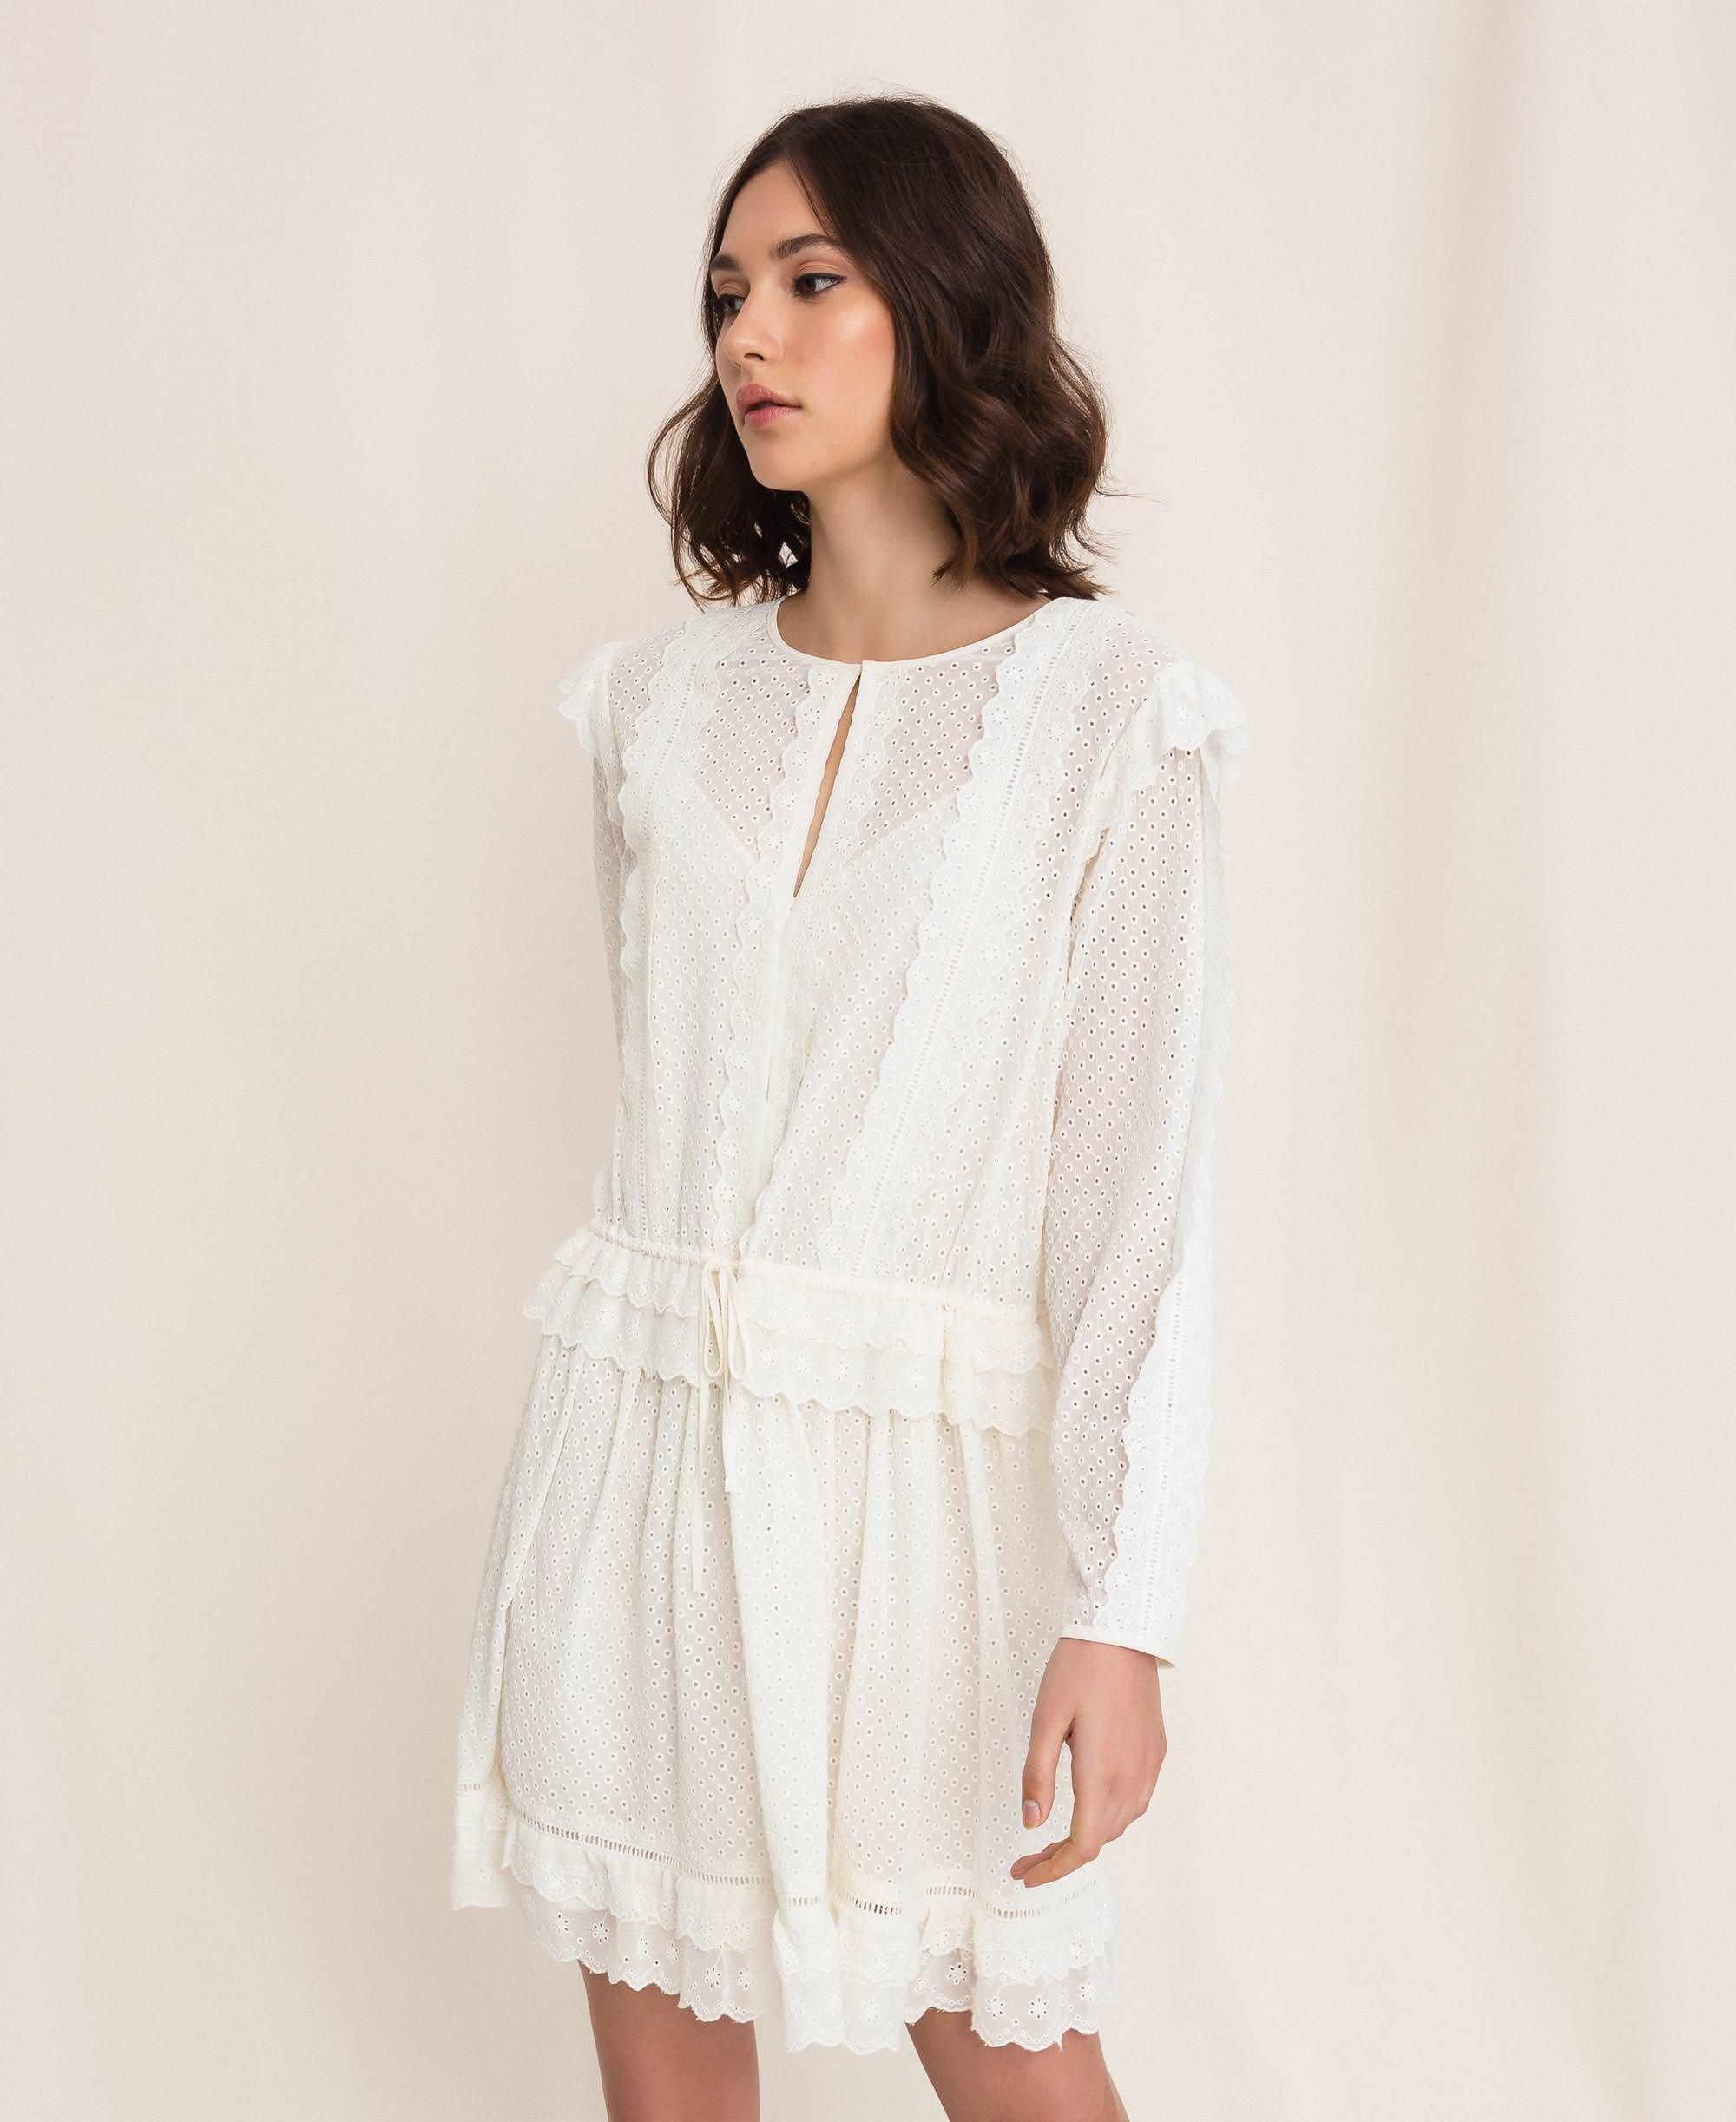 Kleid mit Lochstickerei und Tunnelzug Frau, Weiß  TWINSET Milano